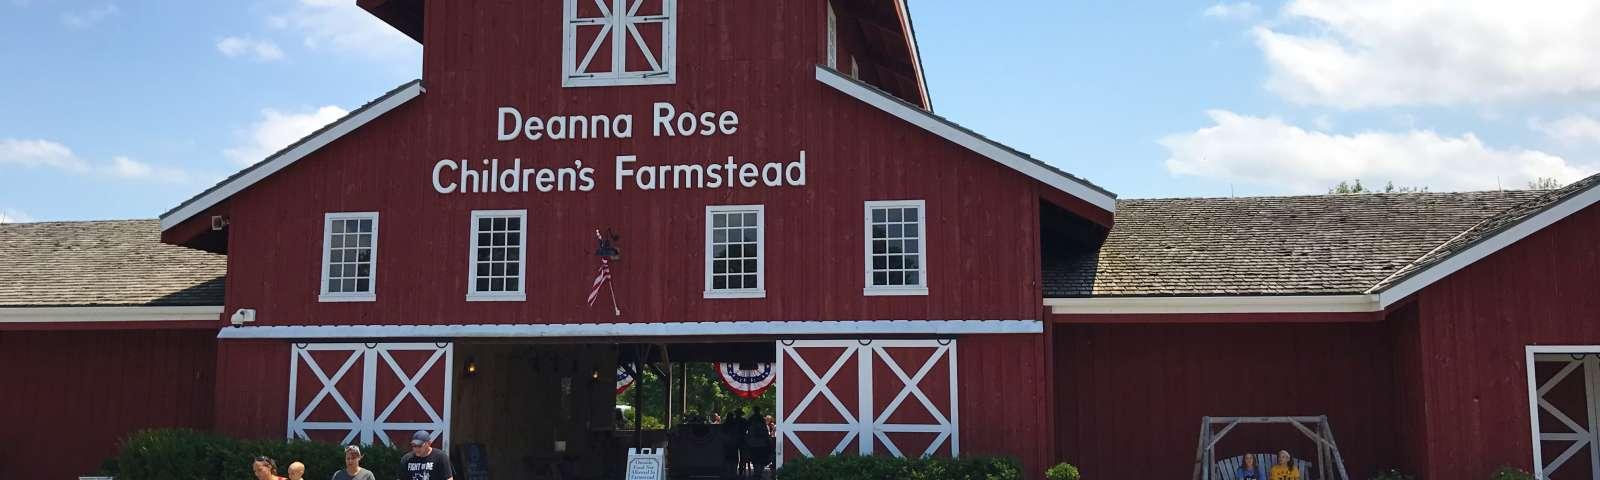 Deanna Rose Entrance